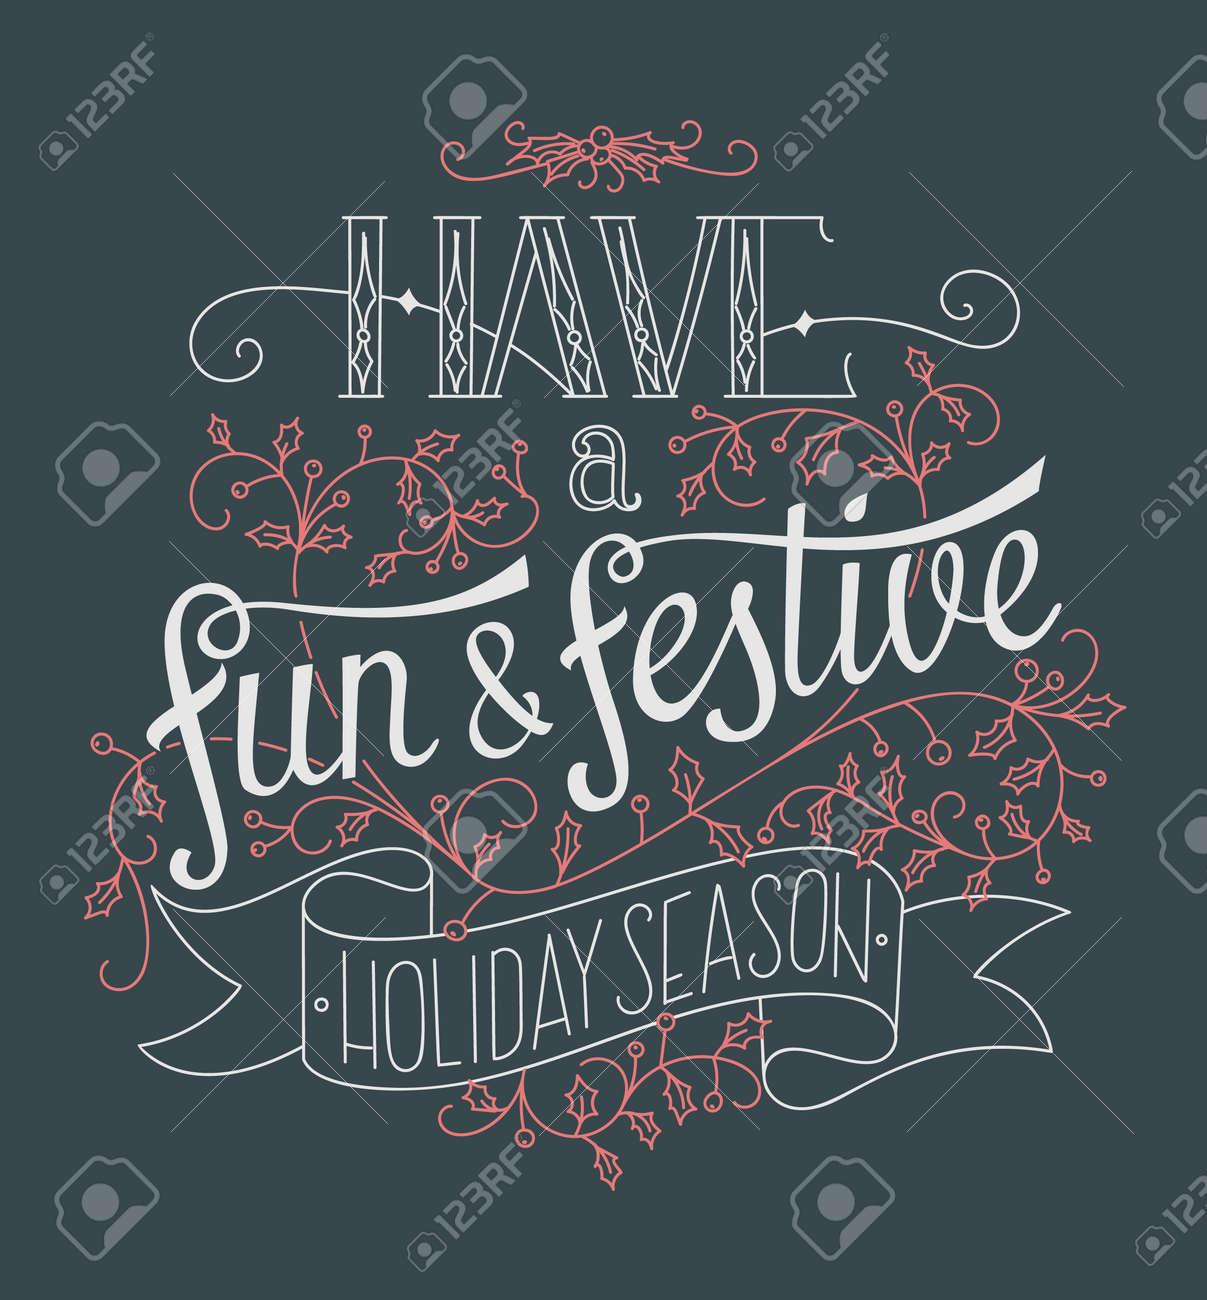 Vettoriale Manifesto Di Lettering Mano Natale Creativo Buon Divertimento E Festivita Image 49608764